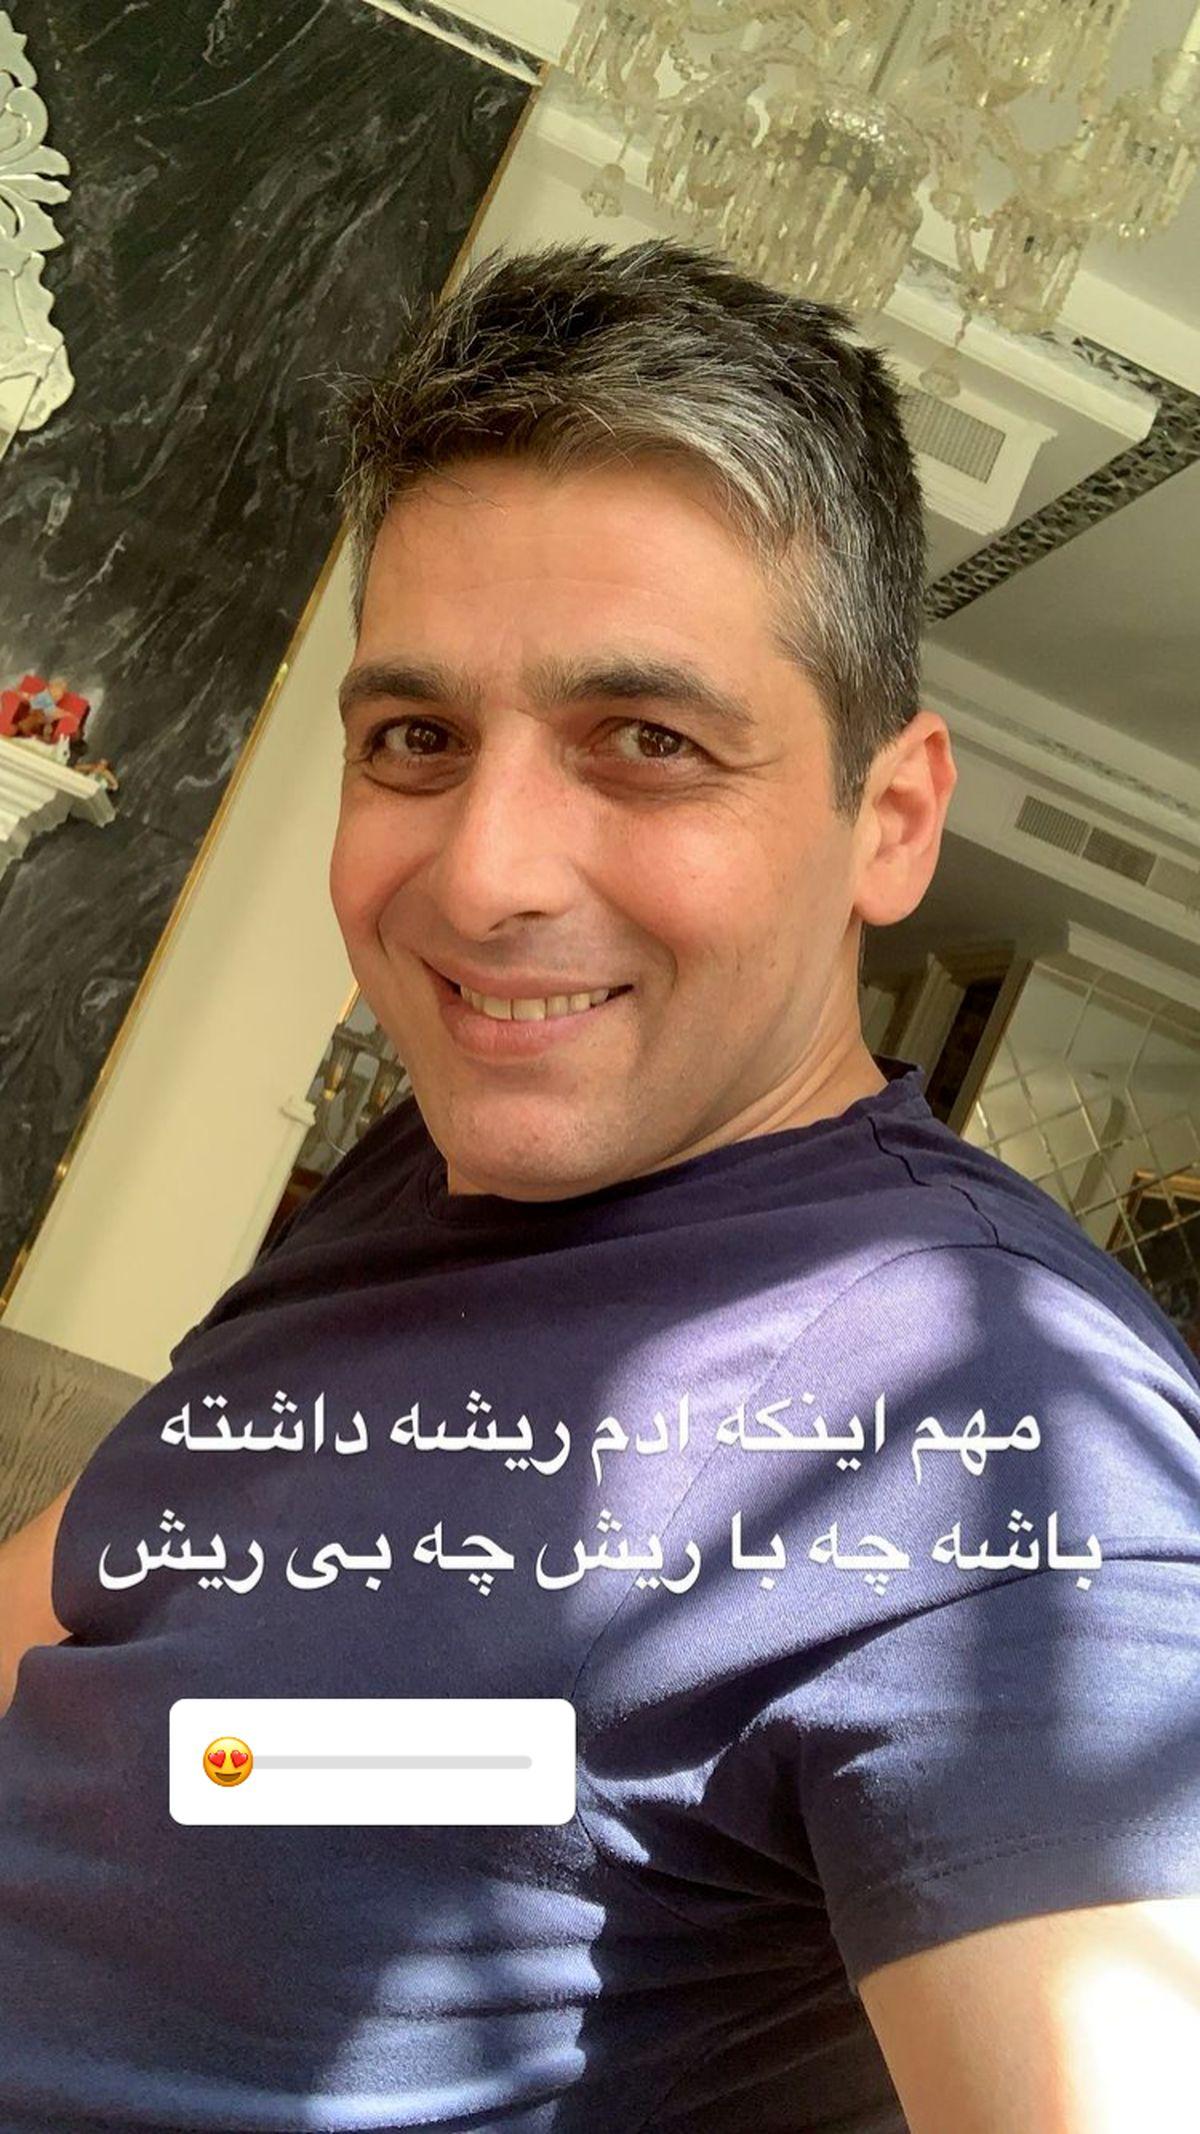 حمید گودرزی در خانه شیکش + عکس